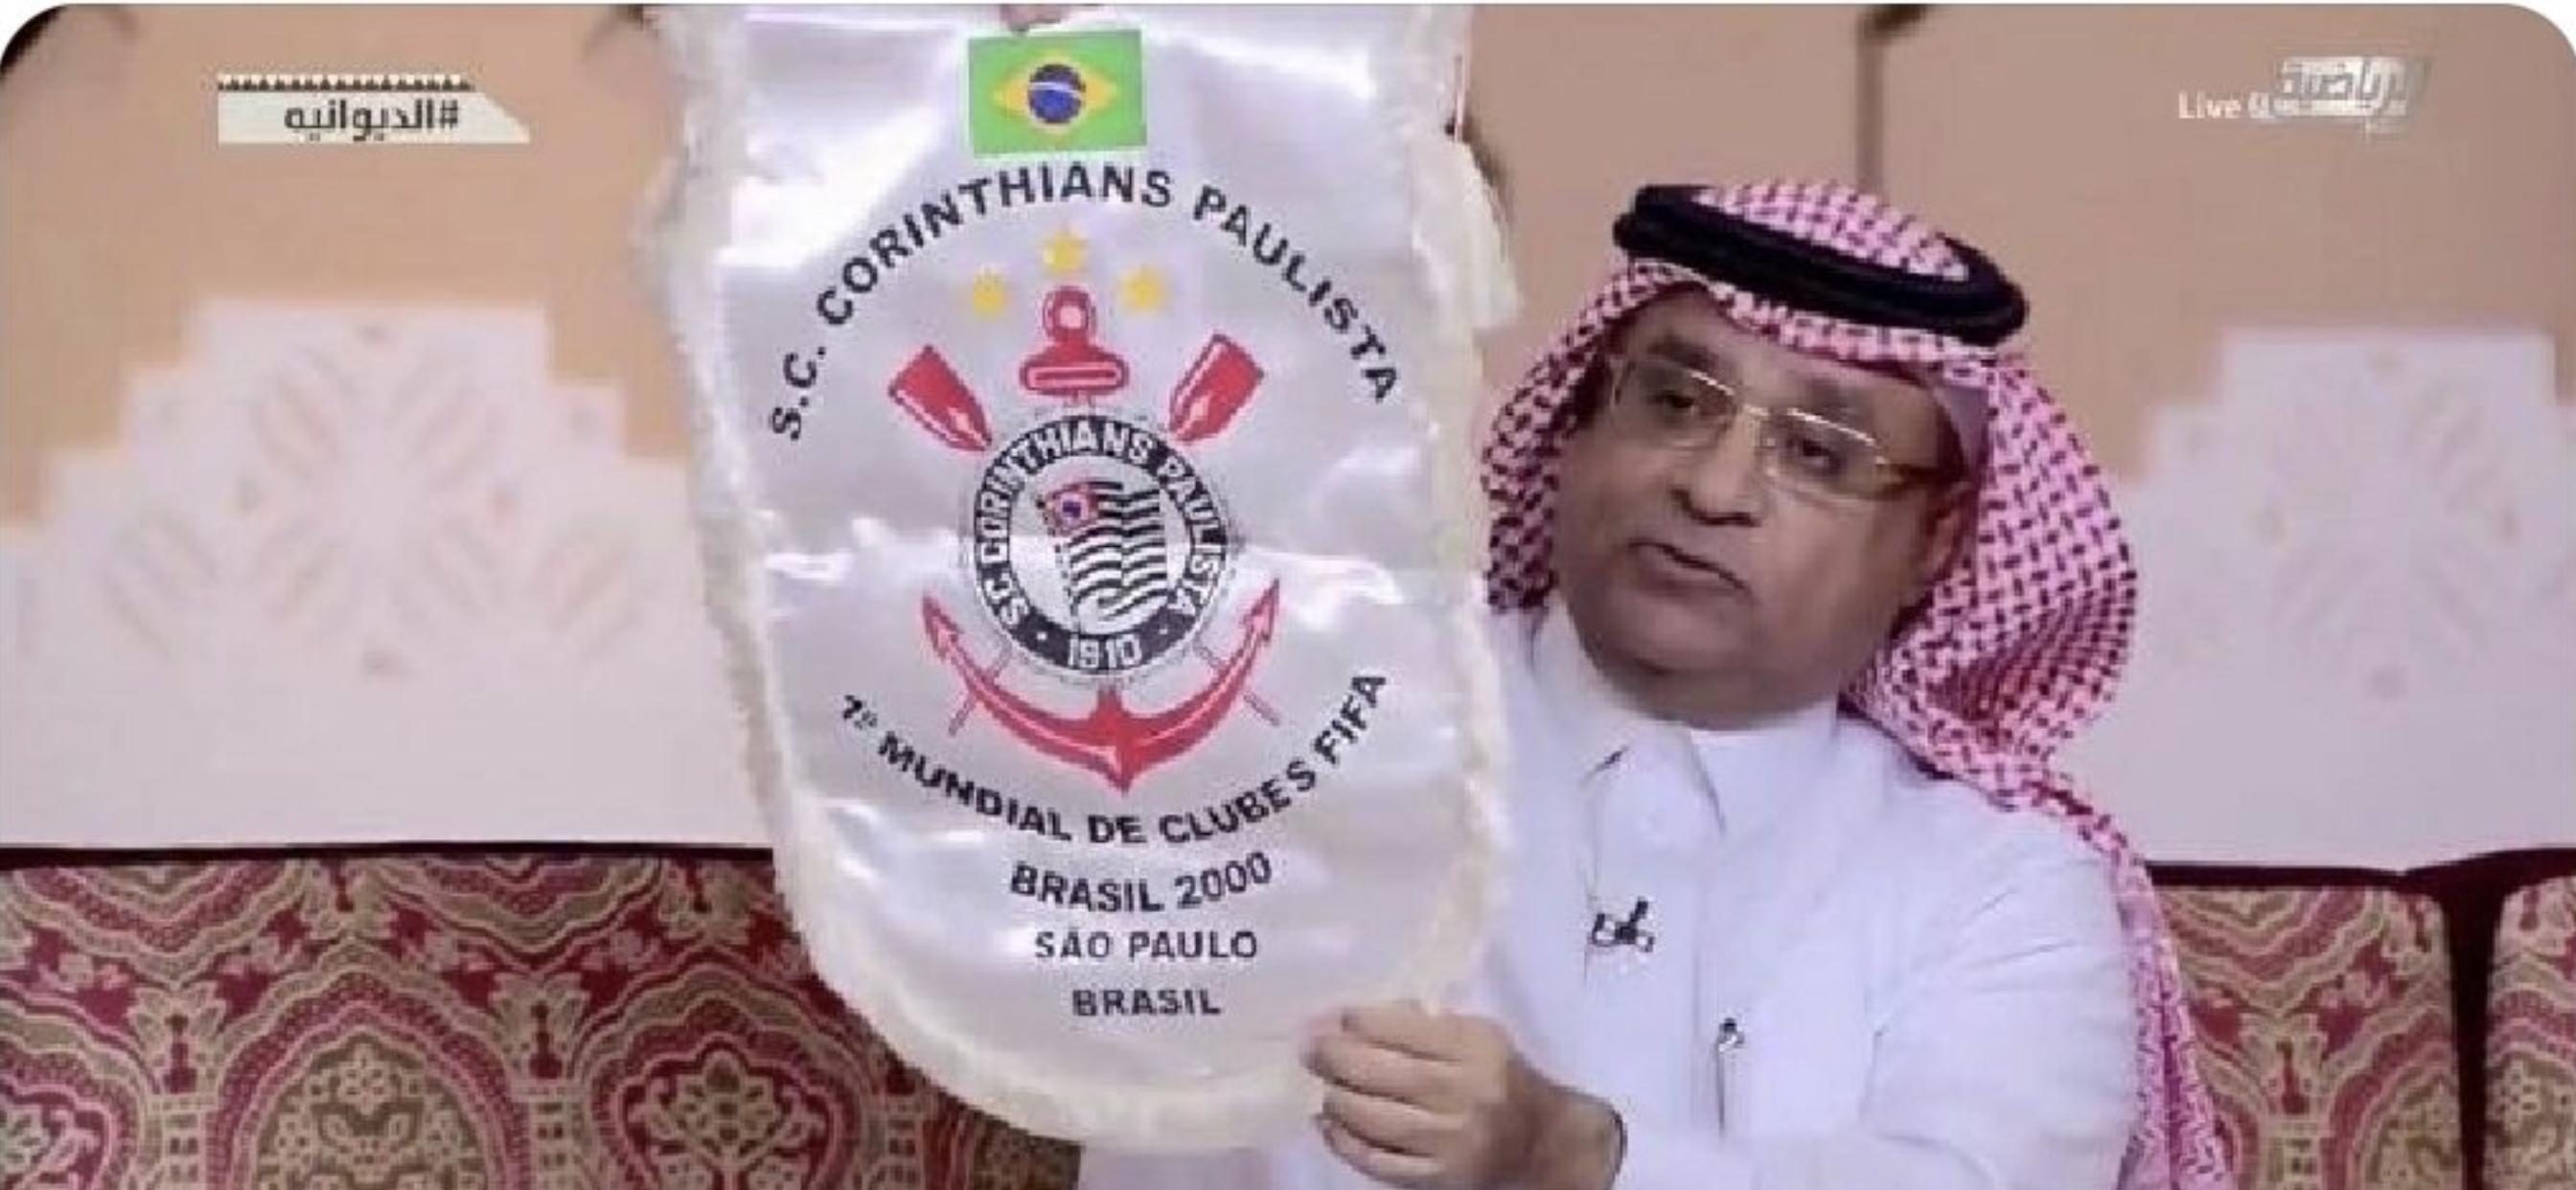 رد: 👏👏👏 الف مبروووووك لنادي النصر هذا الخبر!!!